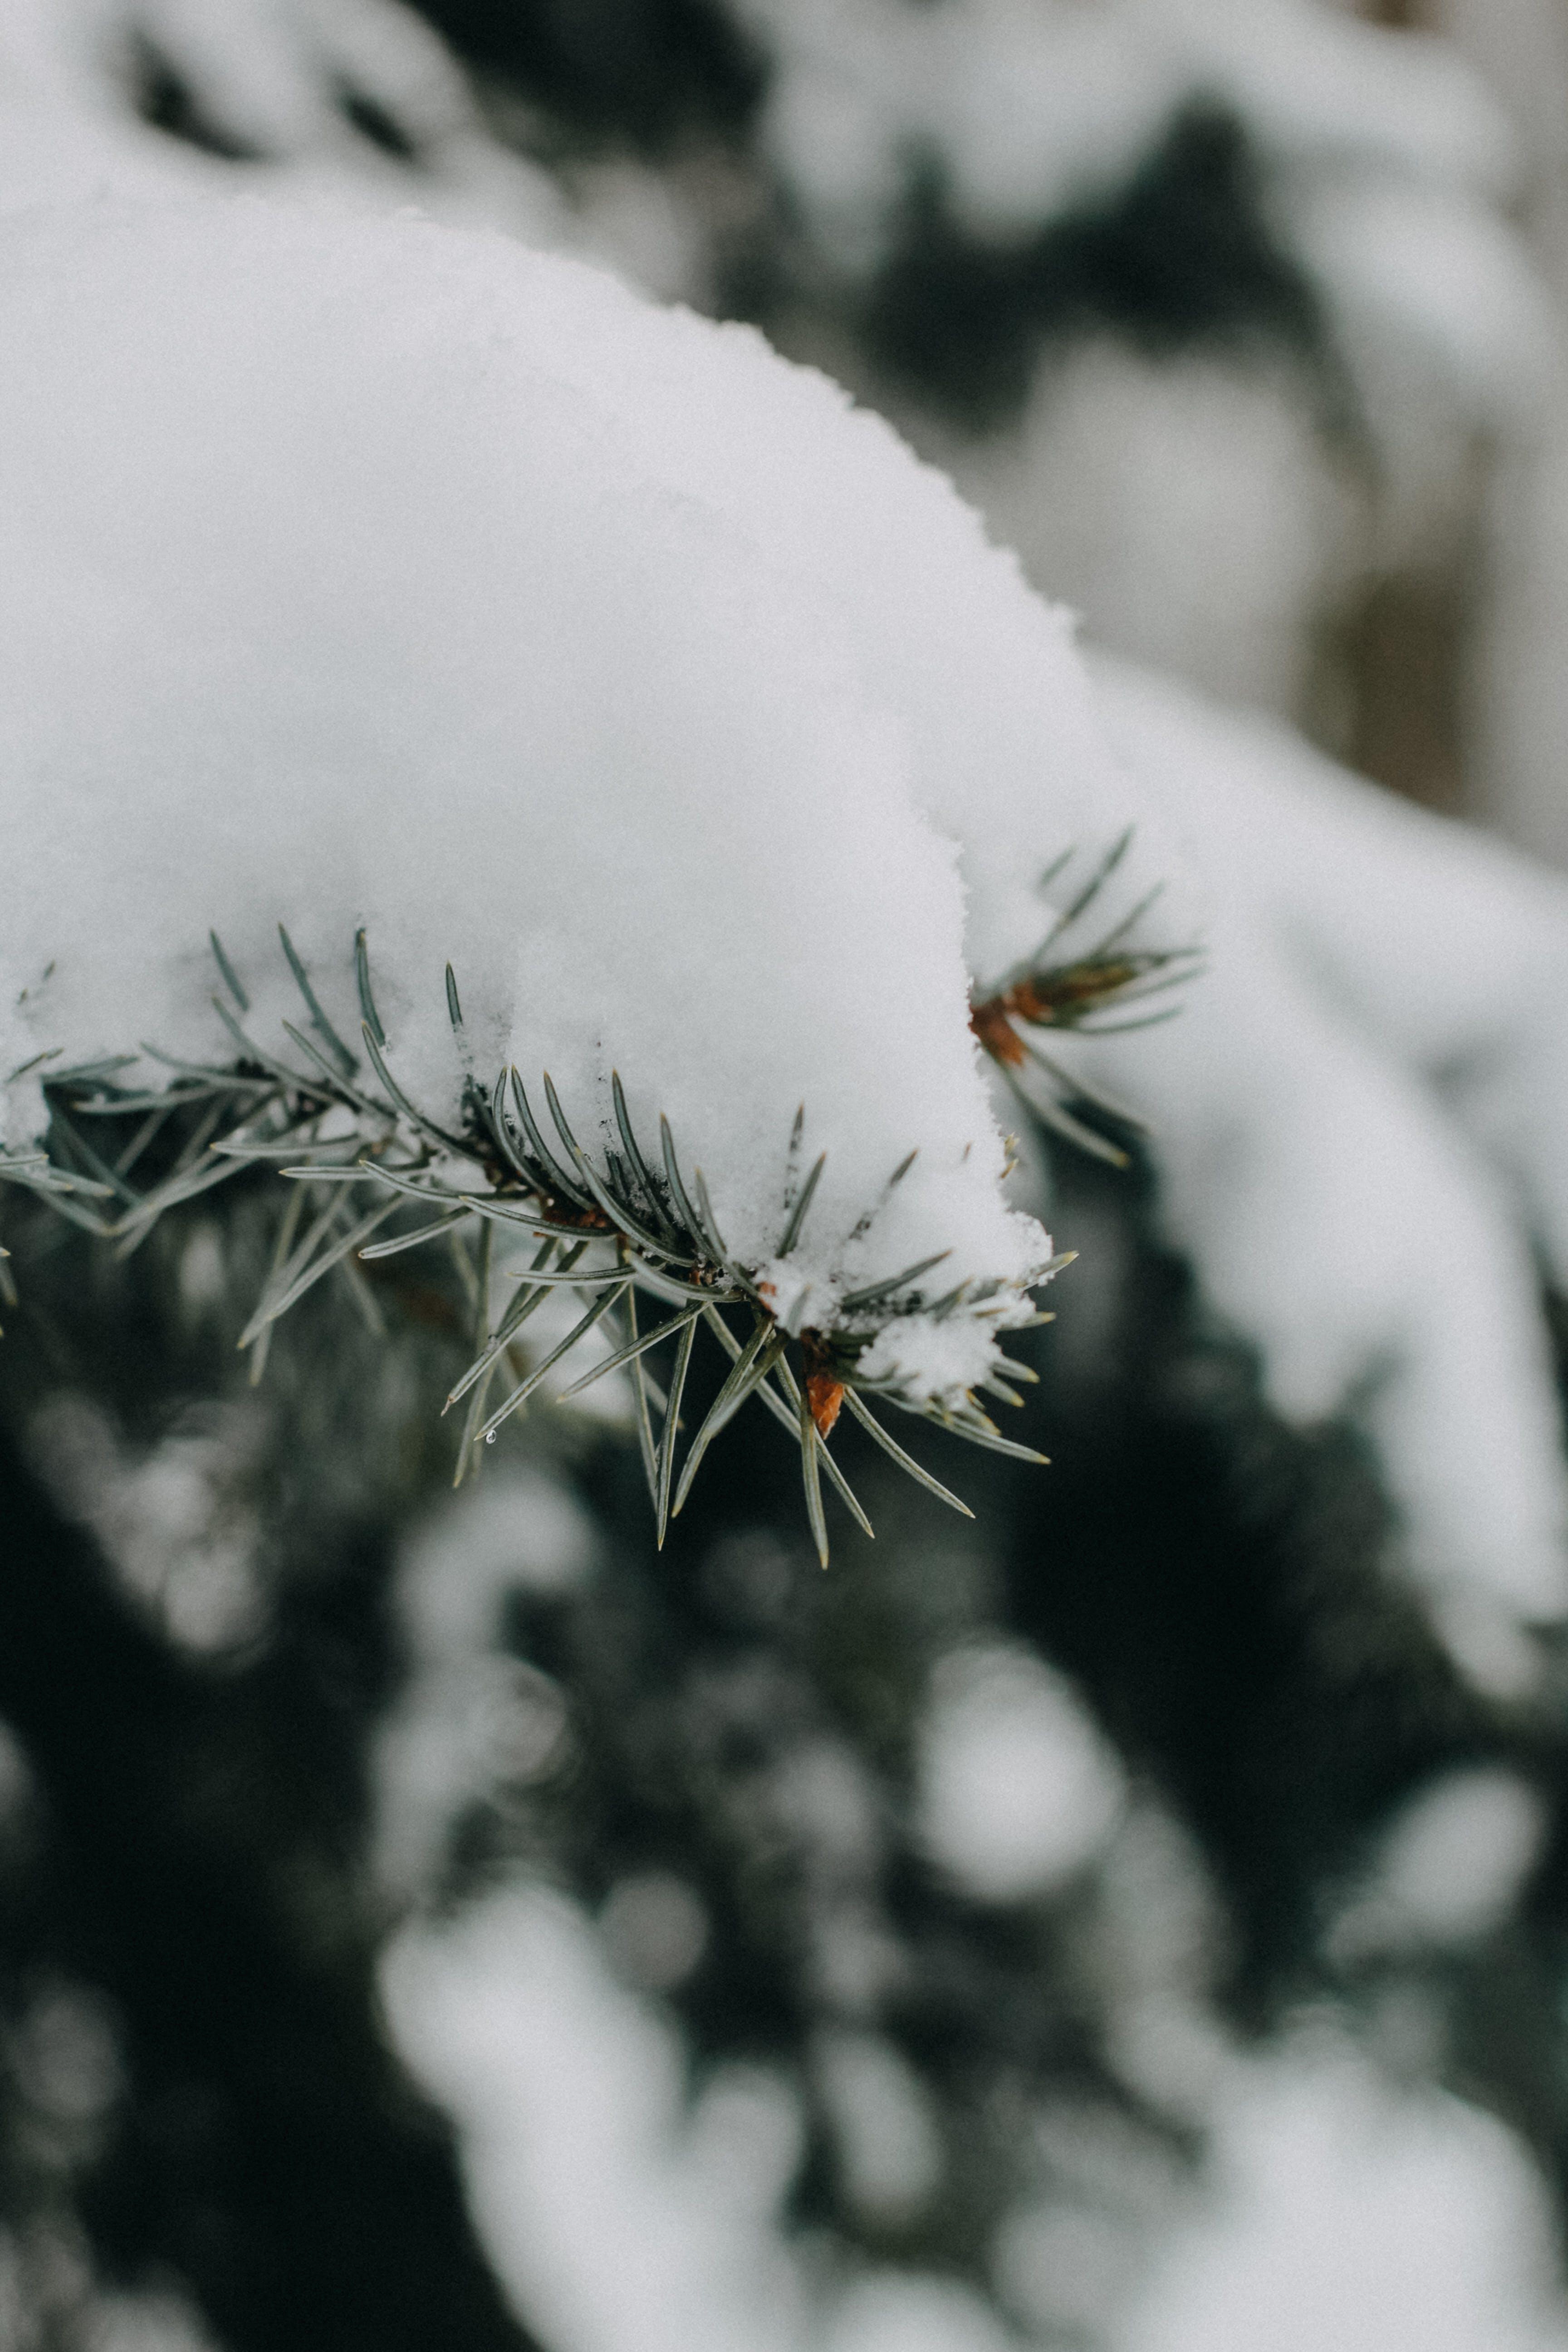 ぼかし, クリスマス, コールド, シーズンの無料の写真素材